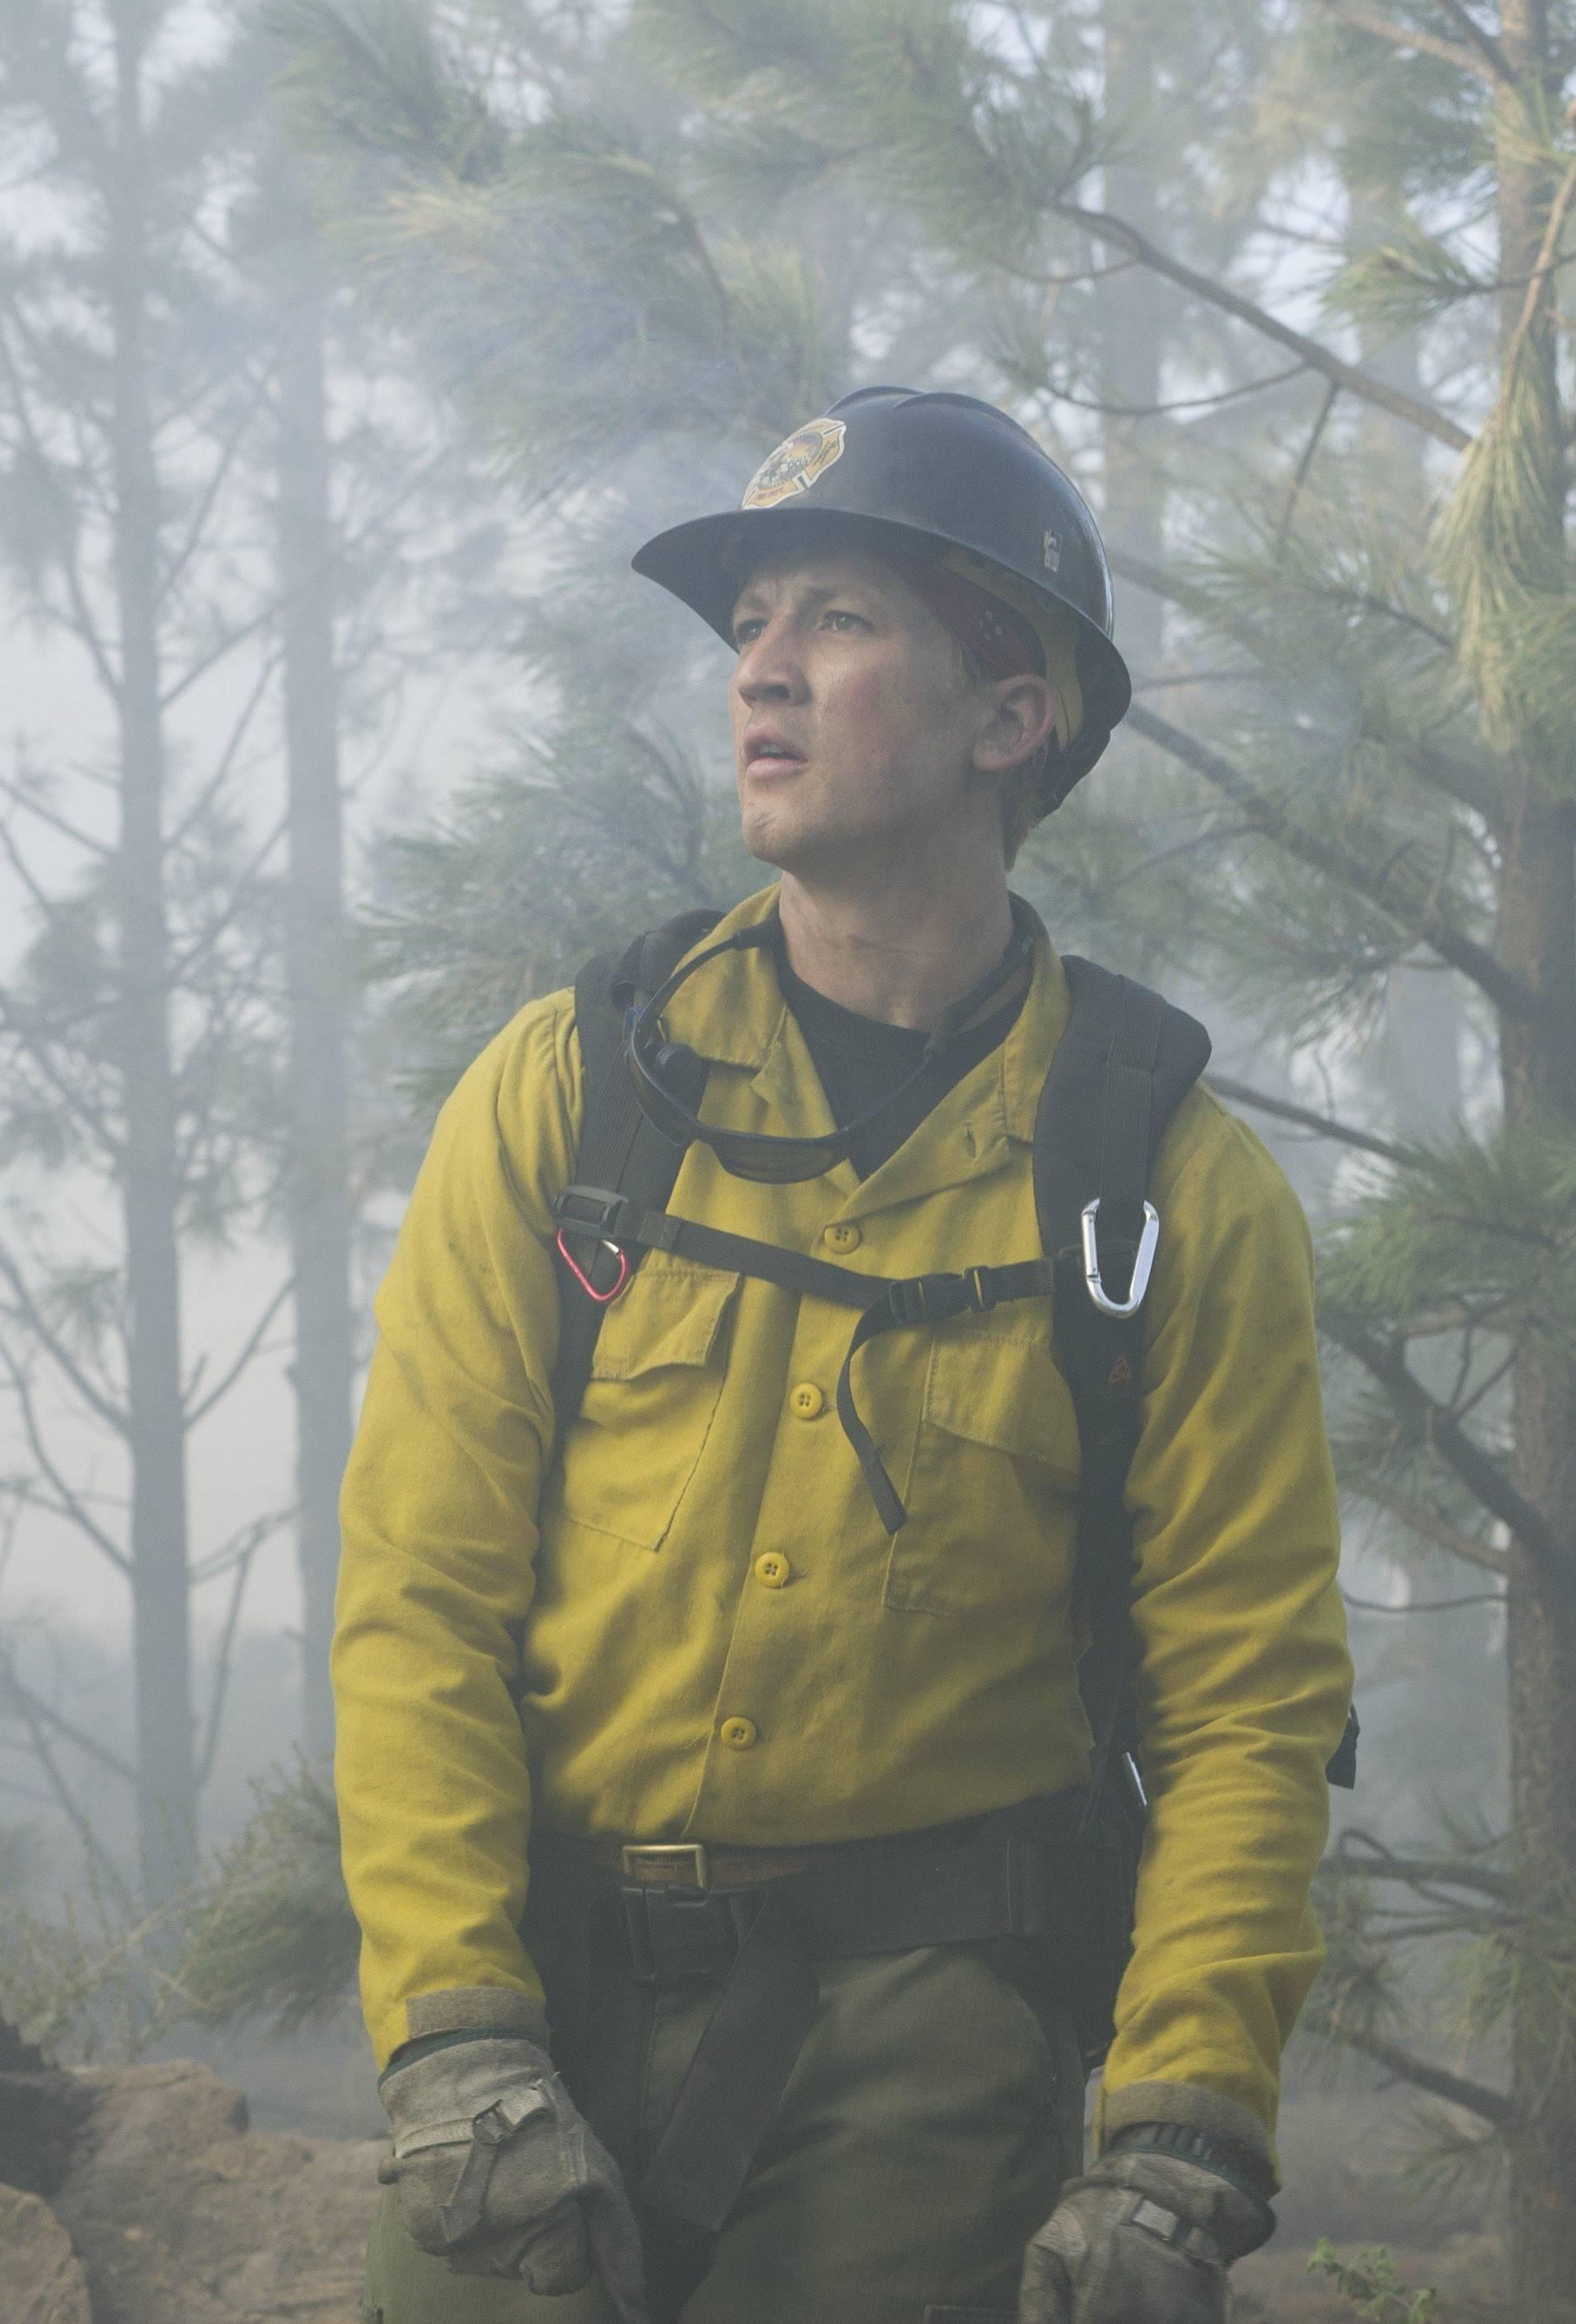 Obilježen početak humanitarne akcije pomoći vatrogascima